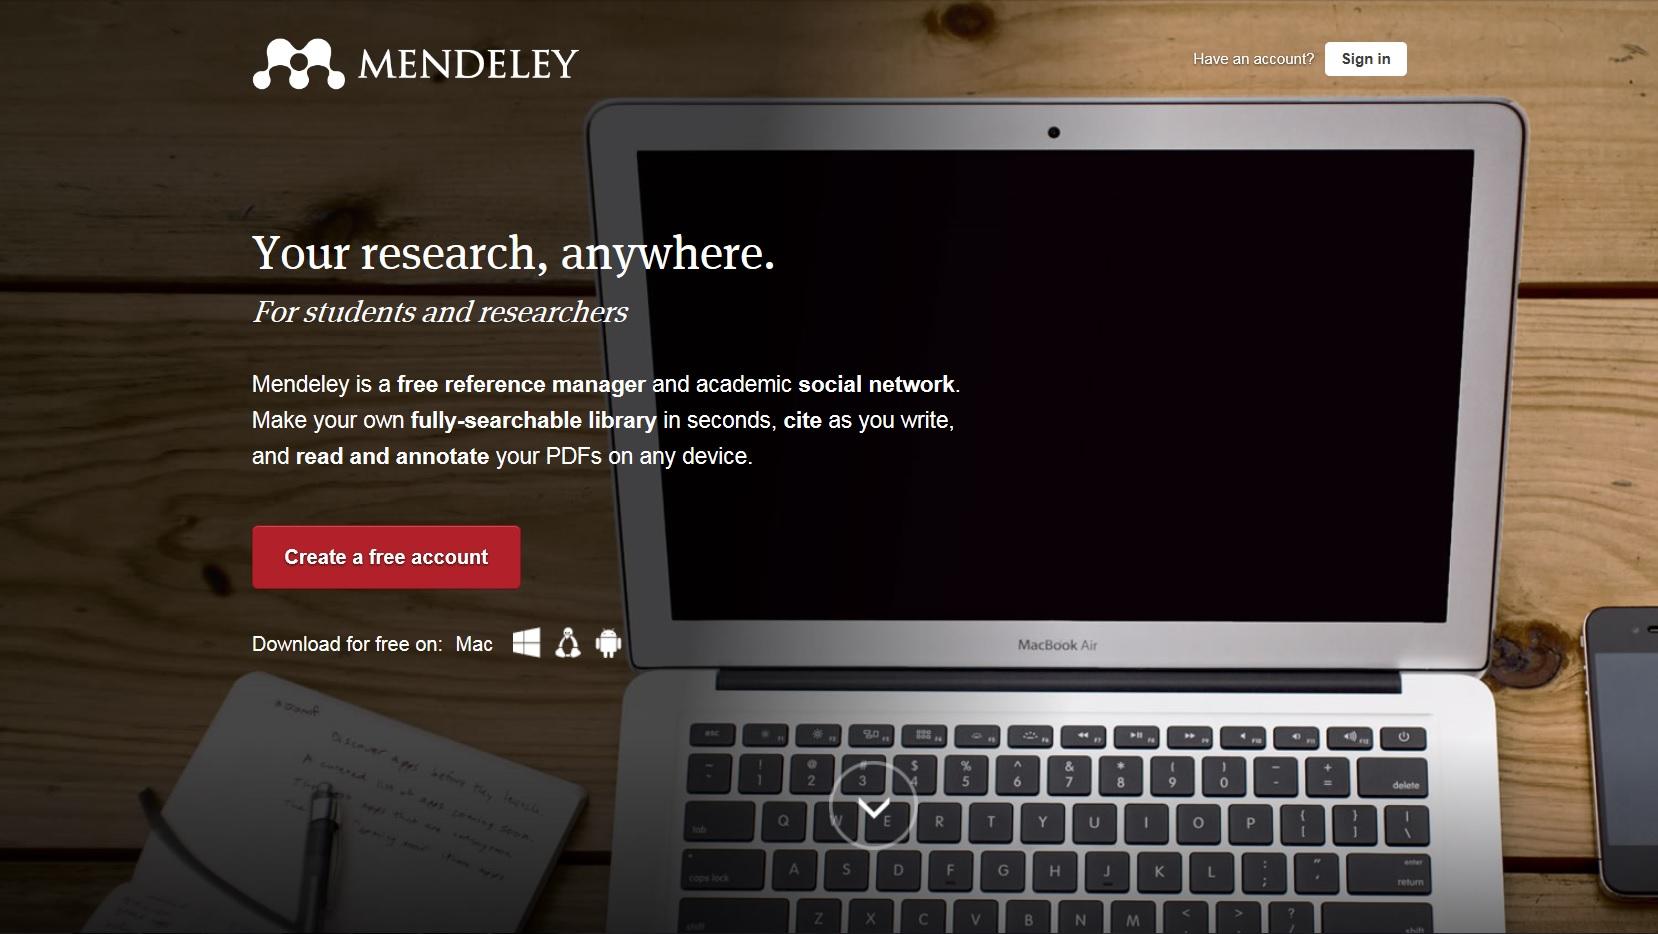 Mendeley homepage